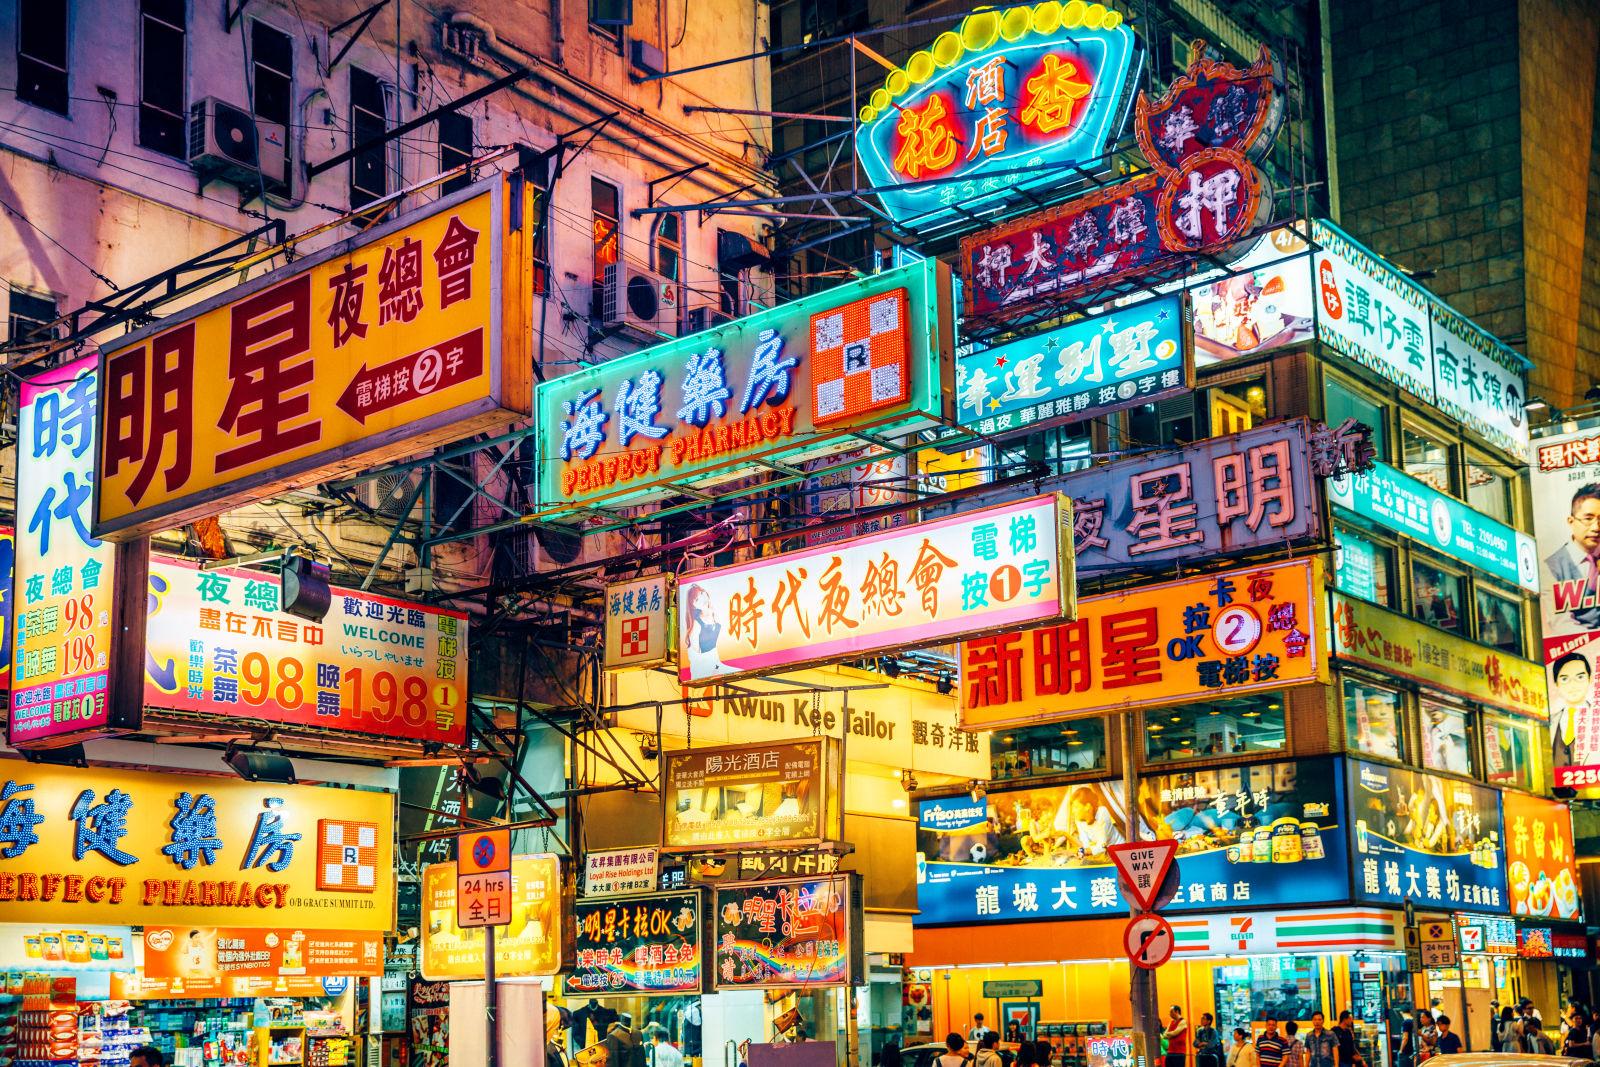 Lichter und Schilder in Hong Kong